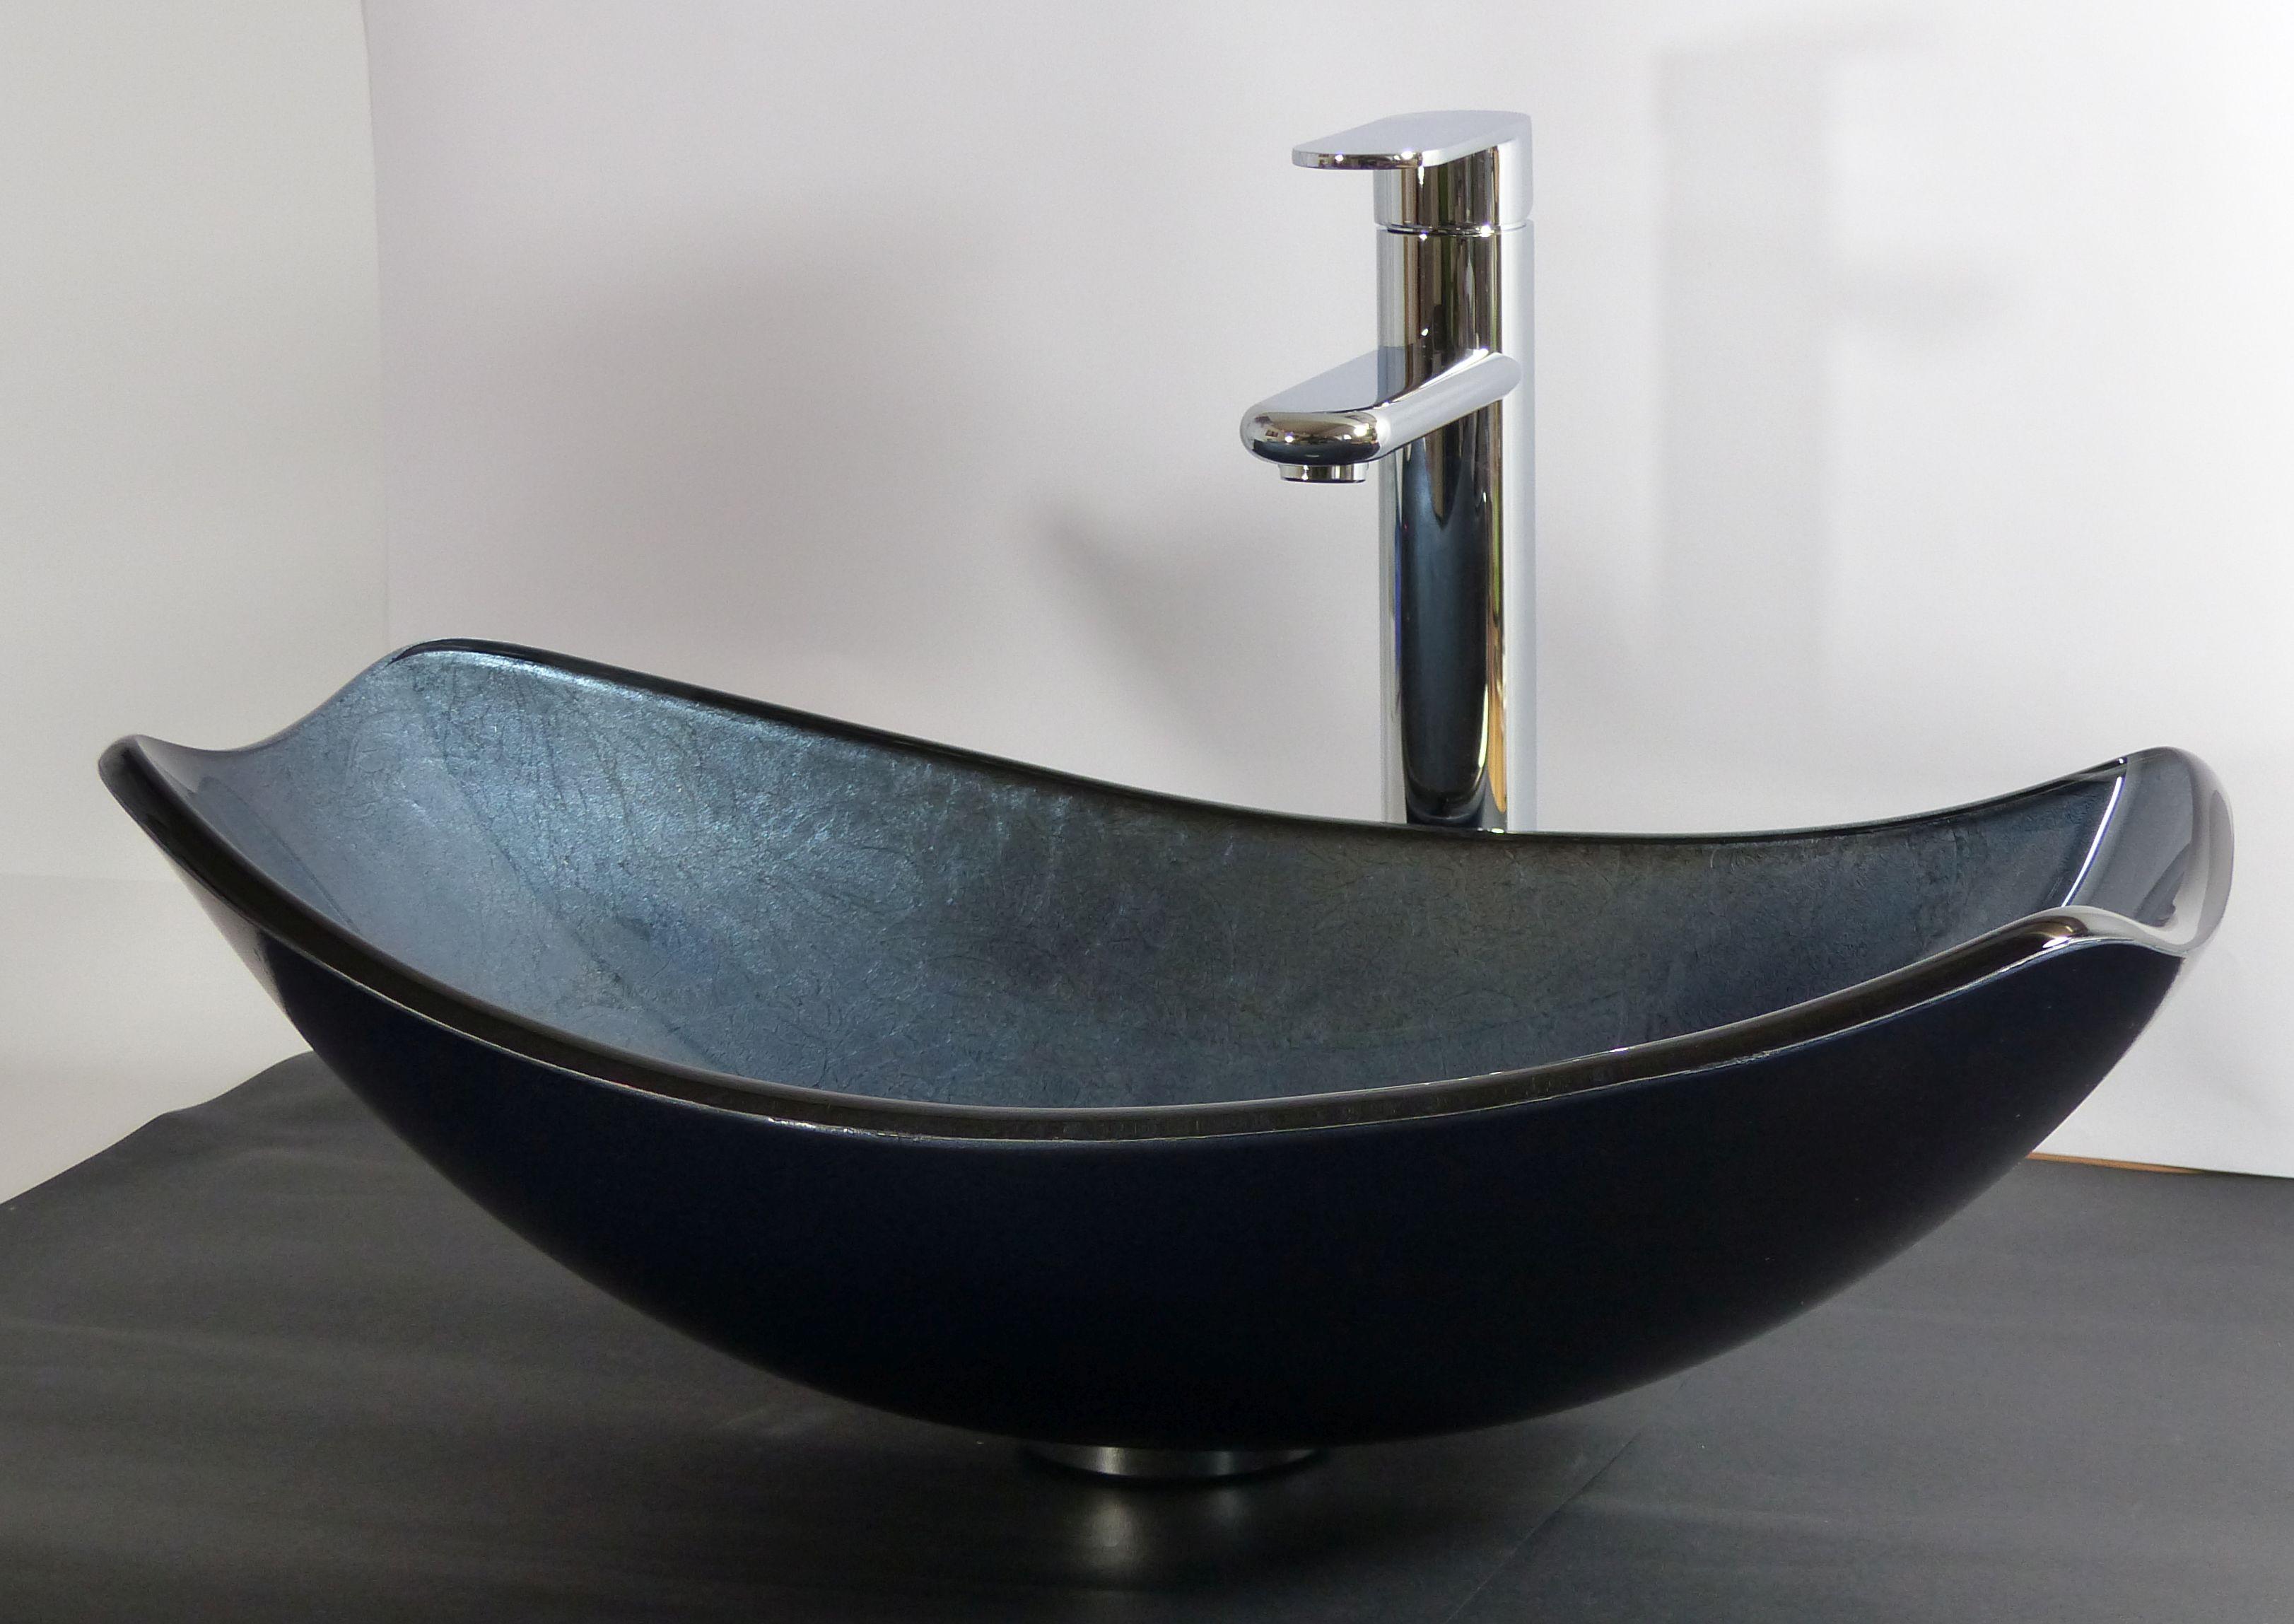 Waschbecken Blau nero badshop | aufsatz glas waschbecken blau grau oval eckig